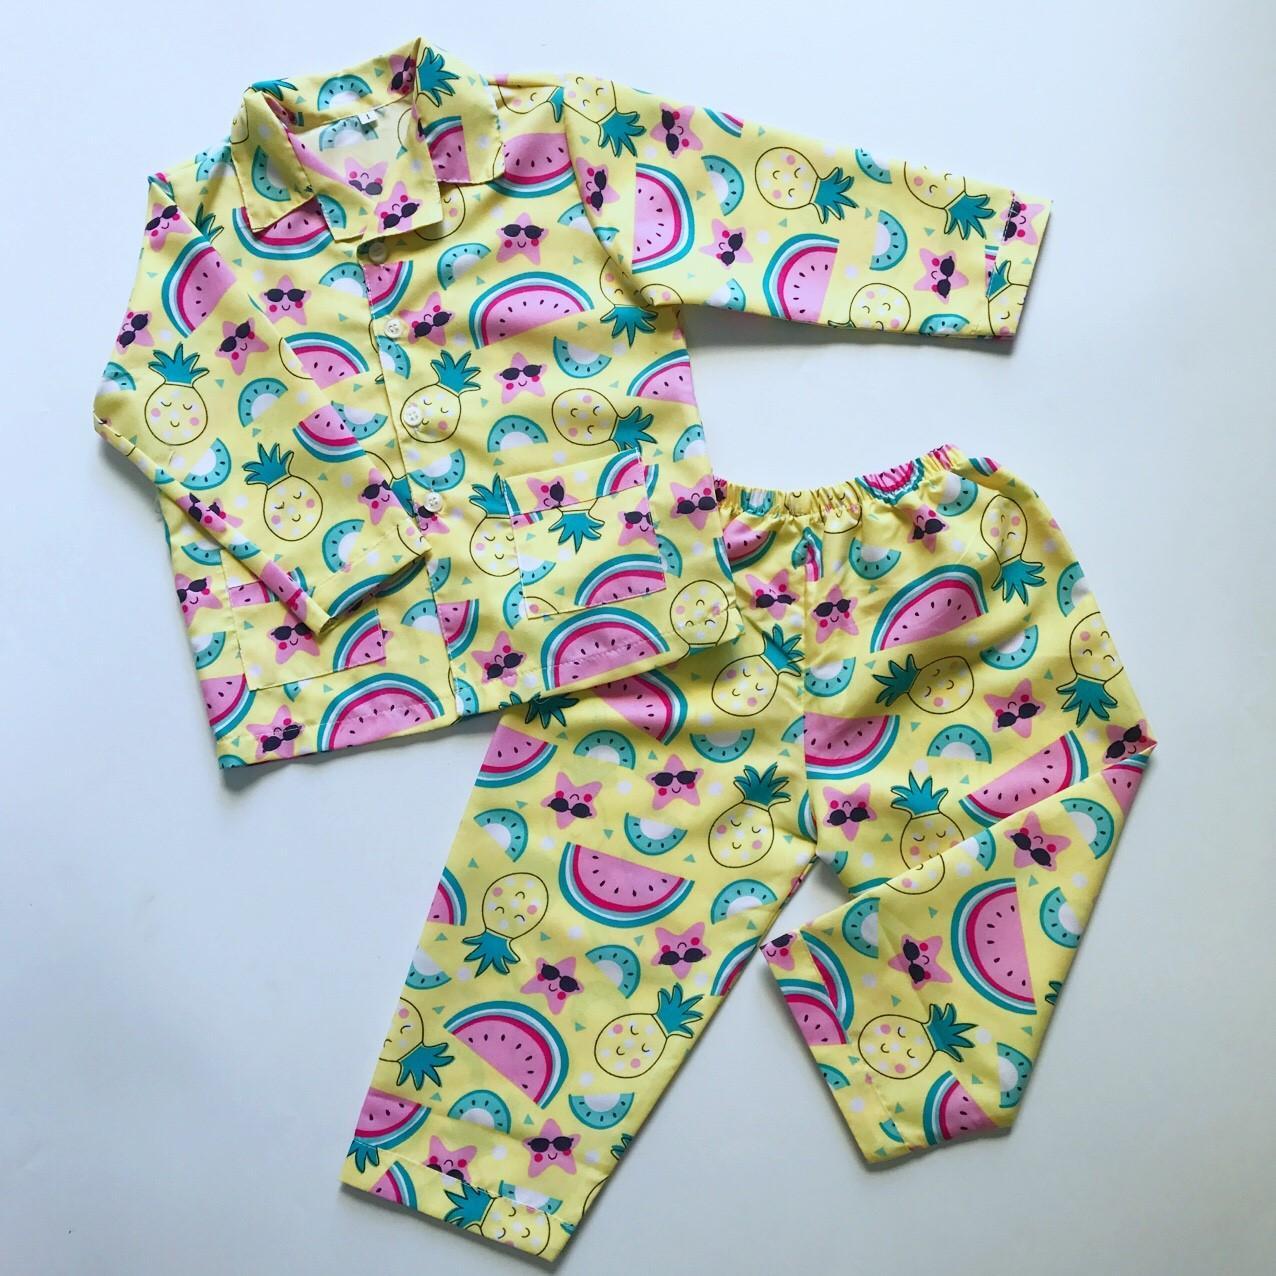 Pijama cho bé kate thái hình Hoa quả 10-40kg Nhật Bản